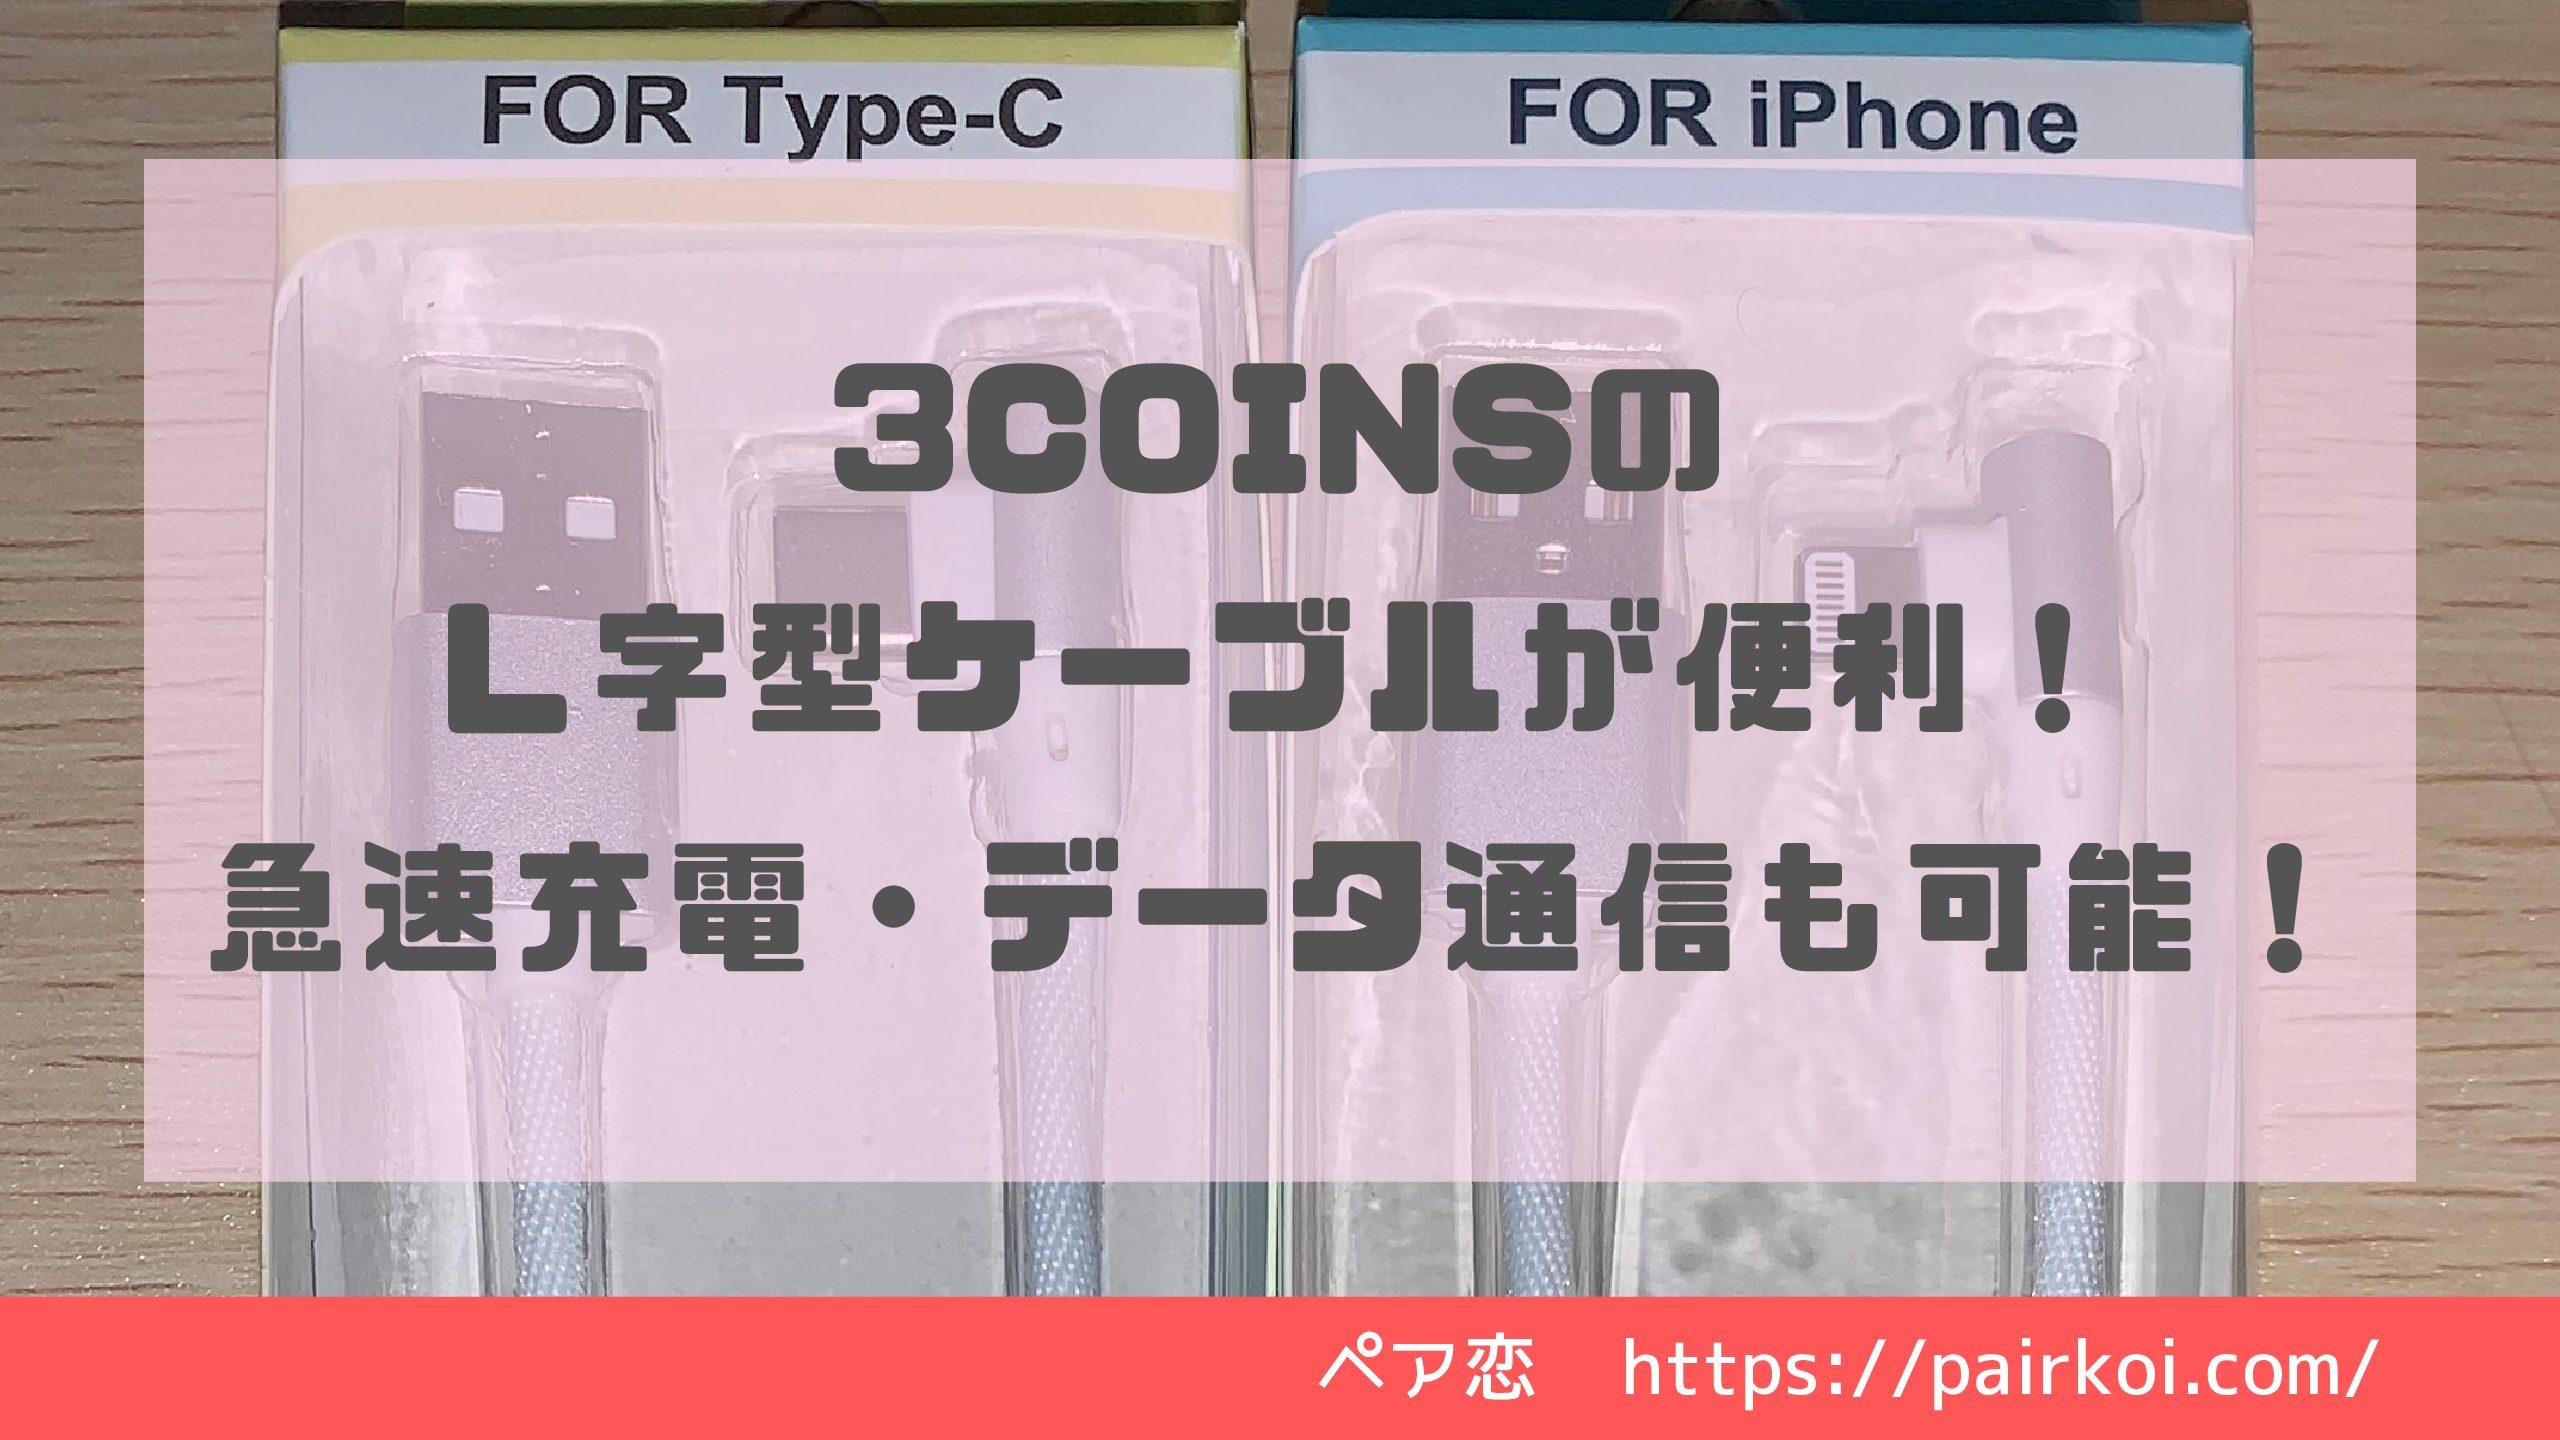 3COINSのL字型ケーブルが便利!急速充電・データ通信も可能!